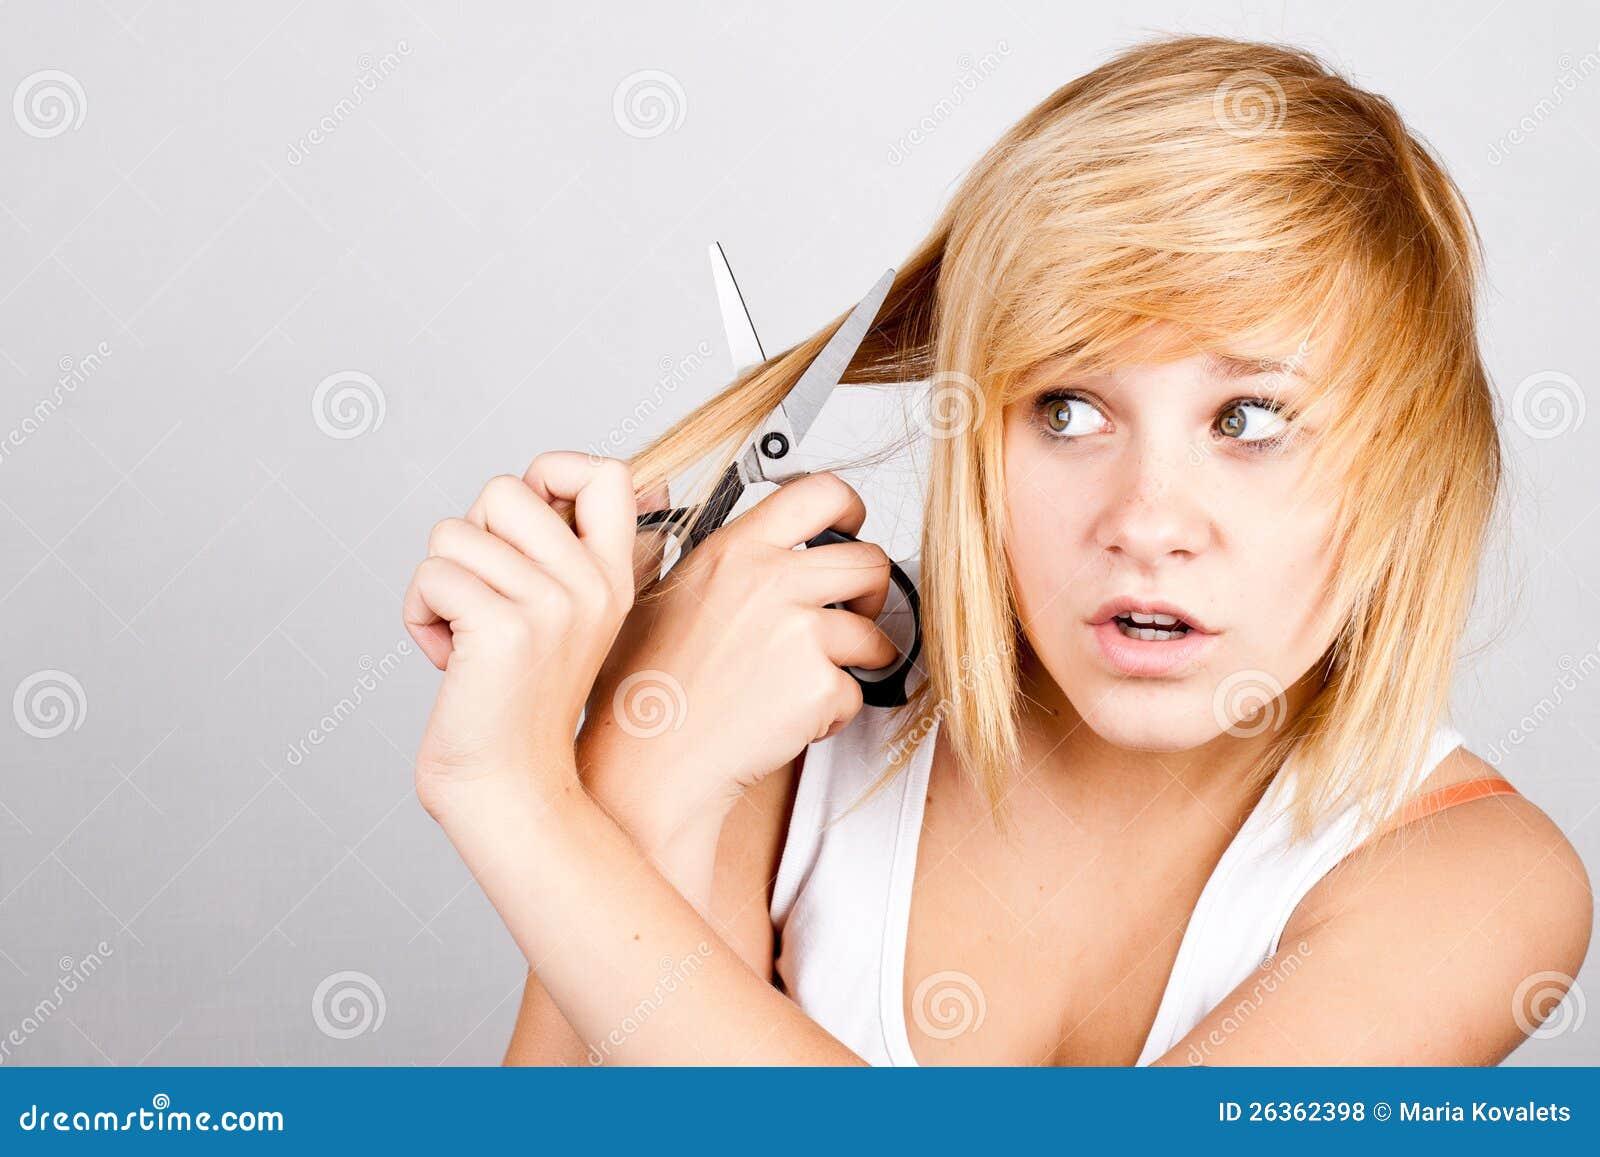 Frau mit Scheren